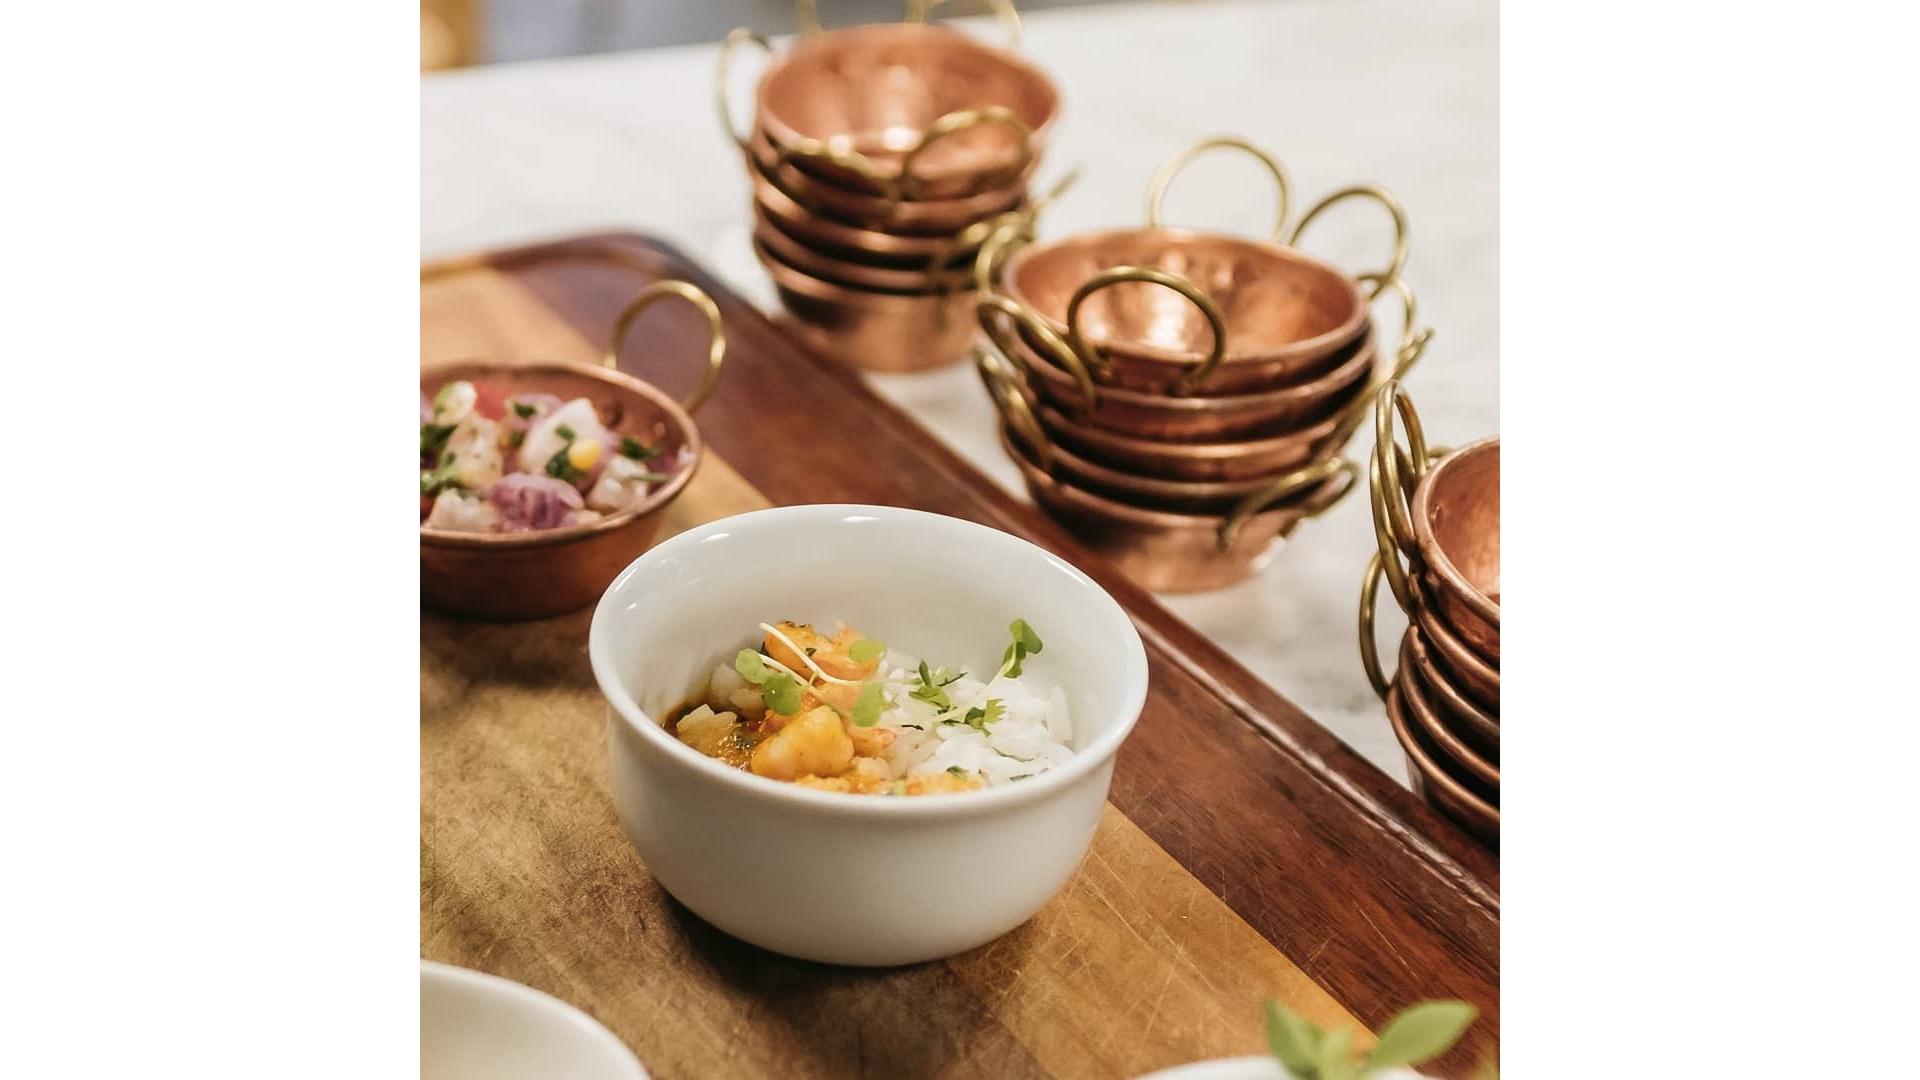 Bobó de camarão é o prato principal do menu de Dia das Mães do La Cocina neste ano.